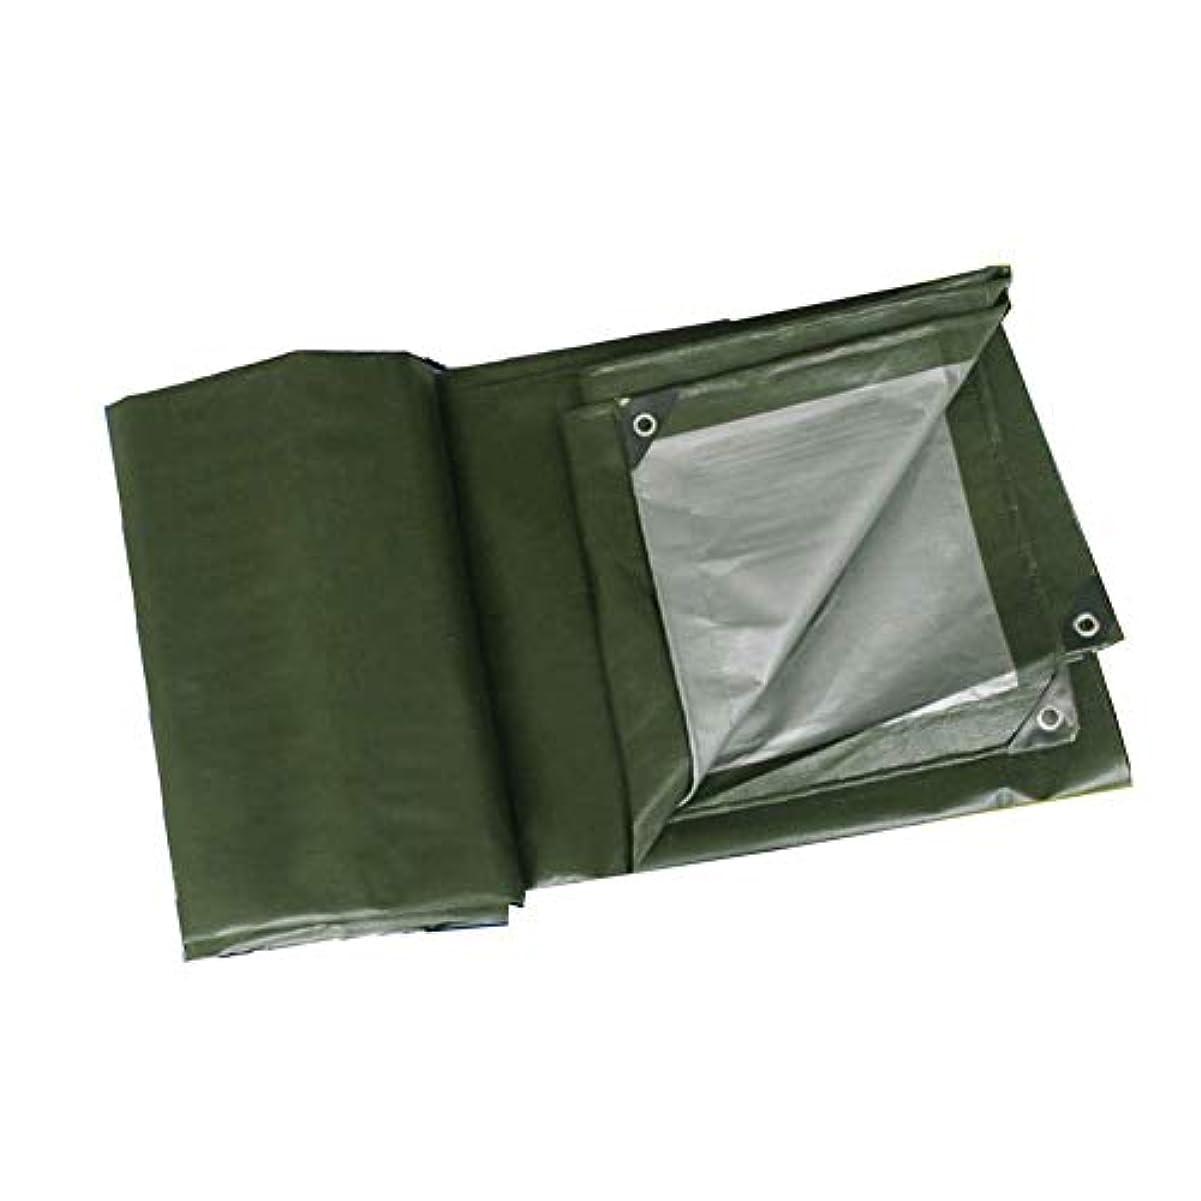 木曜日の配列ミシンZX タープ ターポリン大胆なレインプルーフ防風布簡単折るマルチサイズ テント アウトドア (Color : Green, Size : 9.8x11.7m)